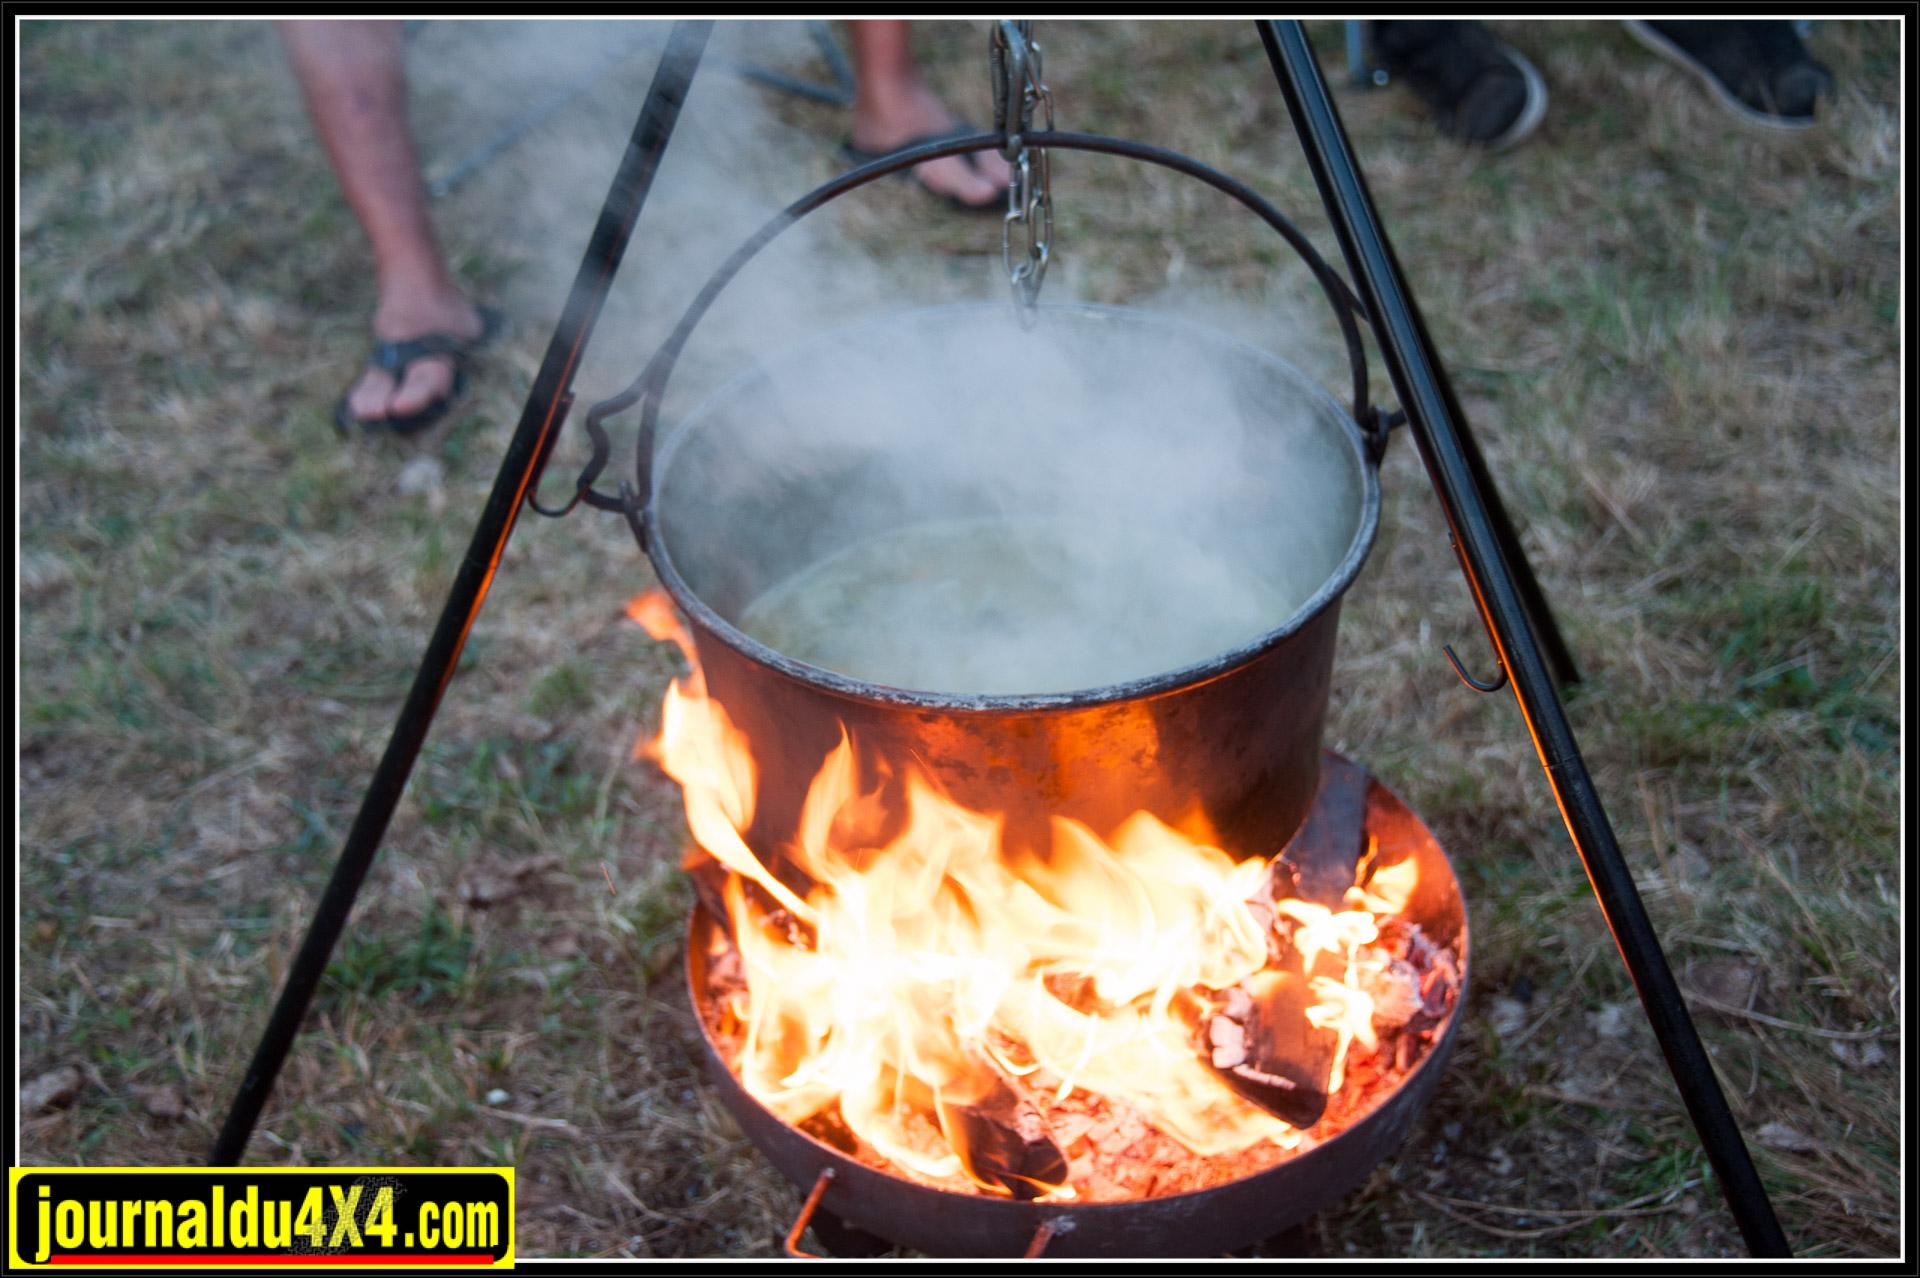 en préparant une soupe 'chalet'.